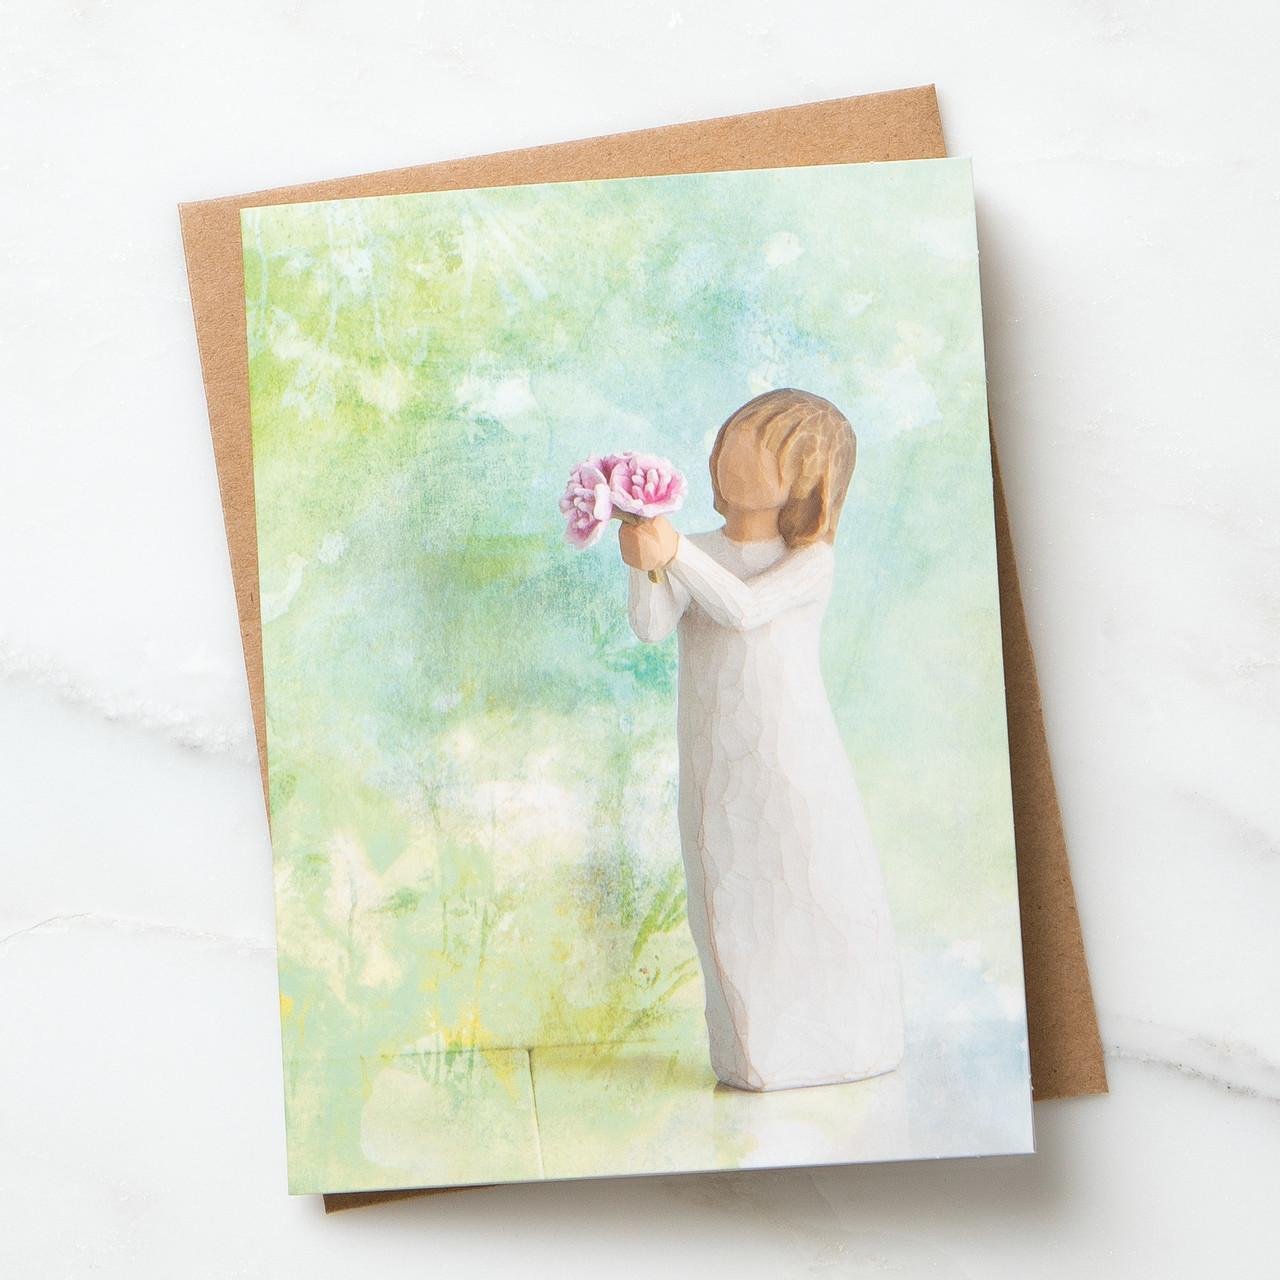 ウィローツリー ノートカード 【Thank You】 - ありがとう